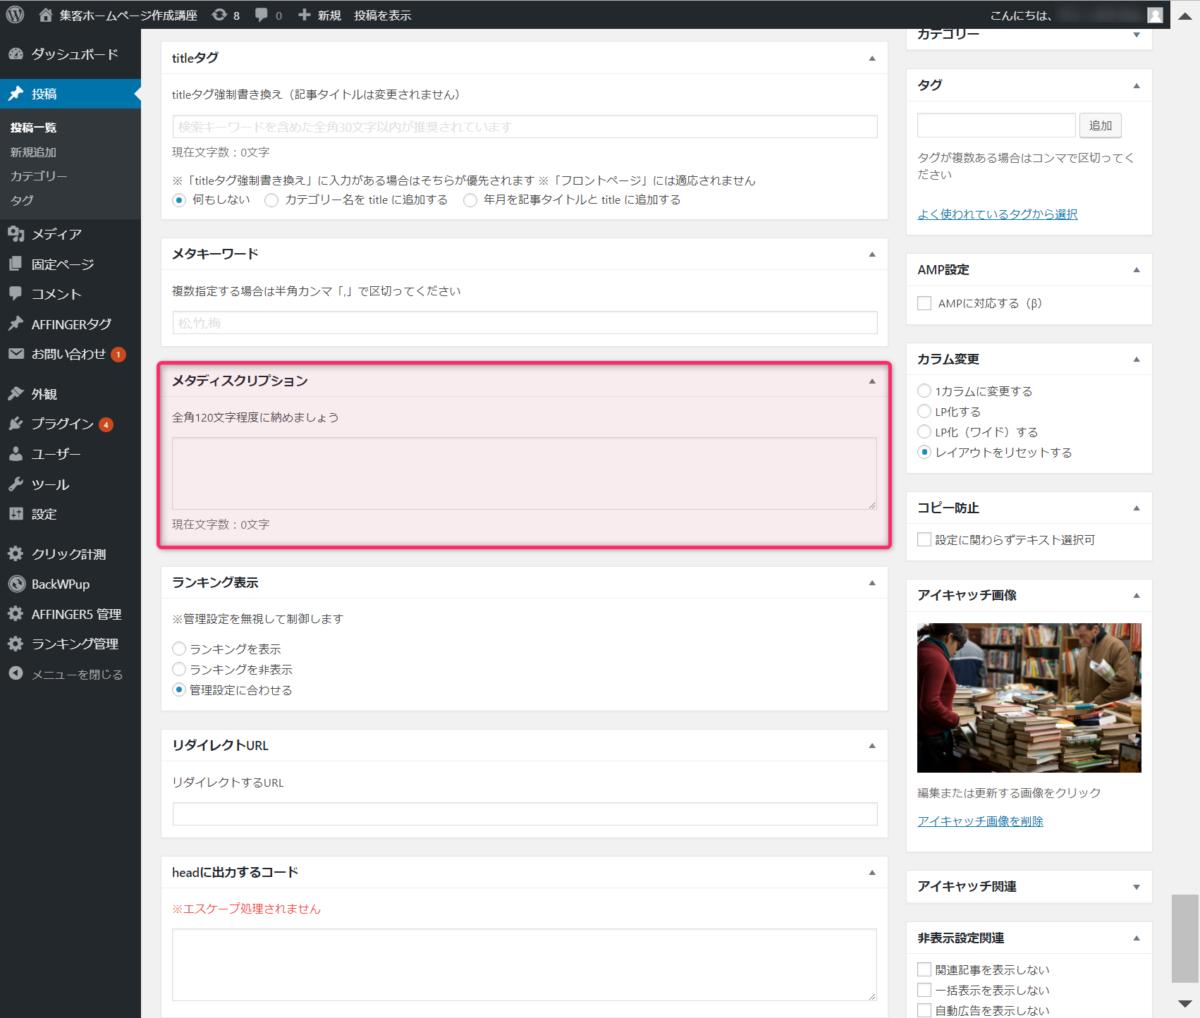 Affingerでは、個別ページのmeta descriptionタグを投稿ページから編集できる。